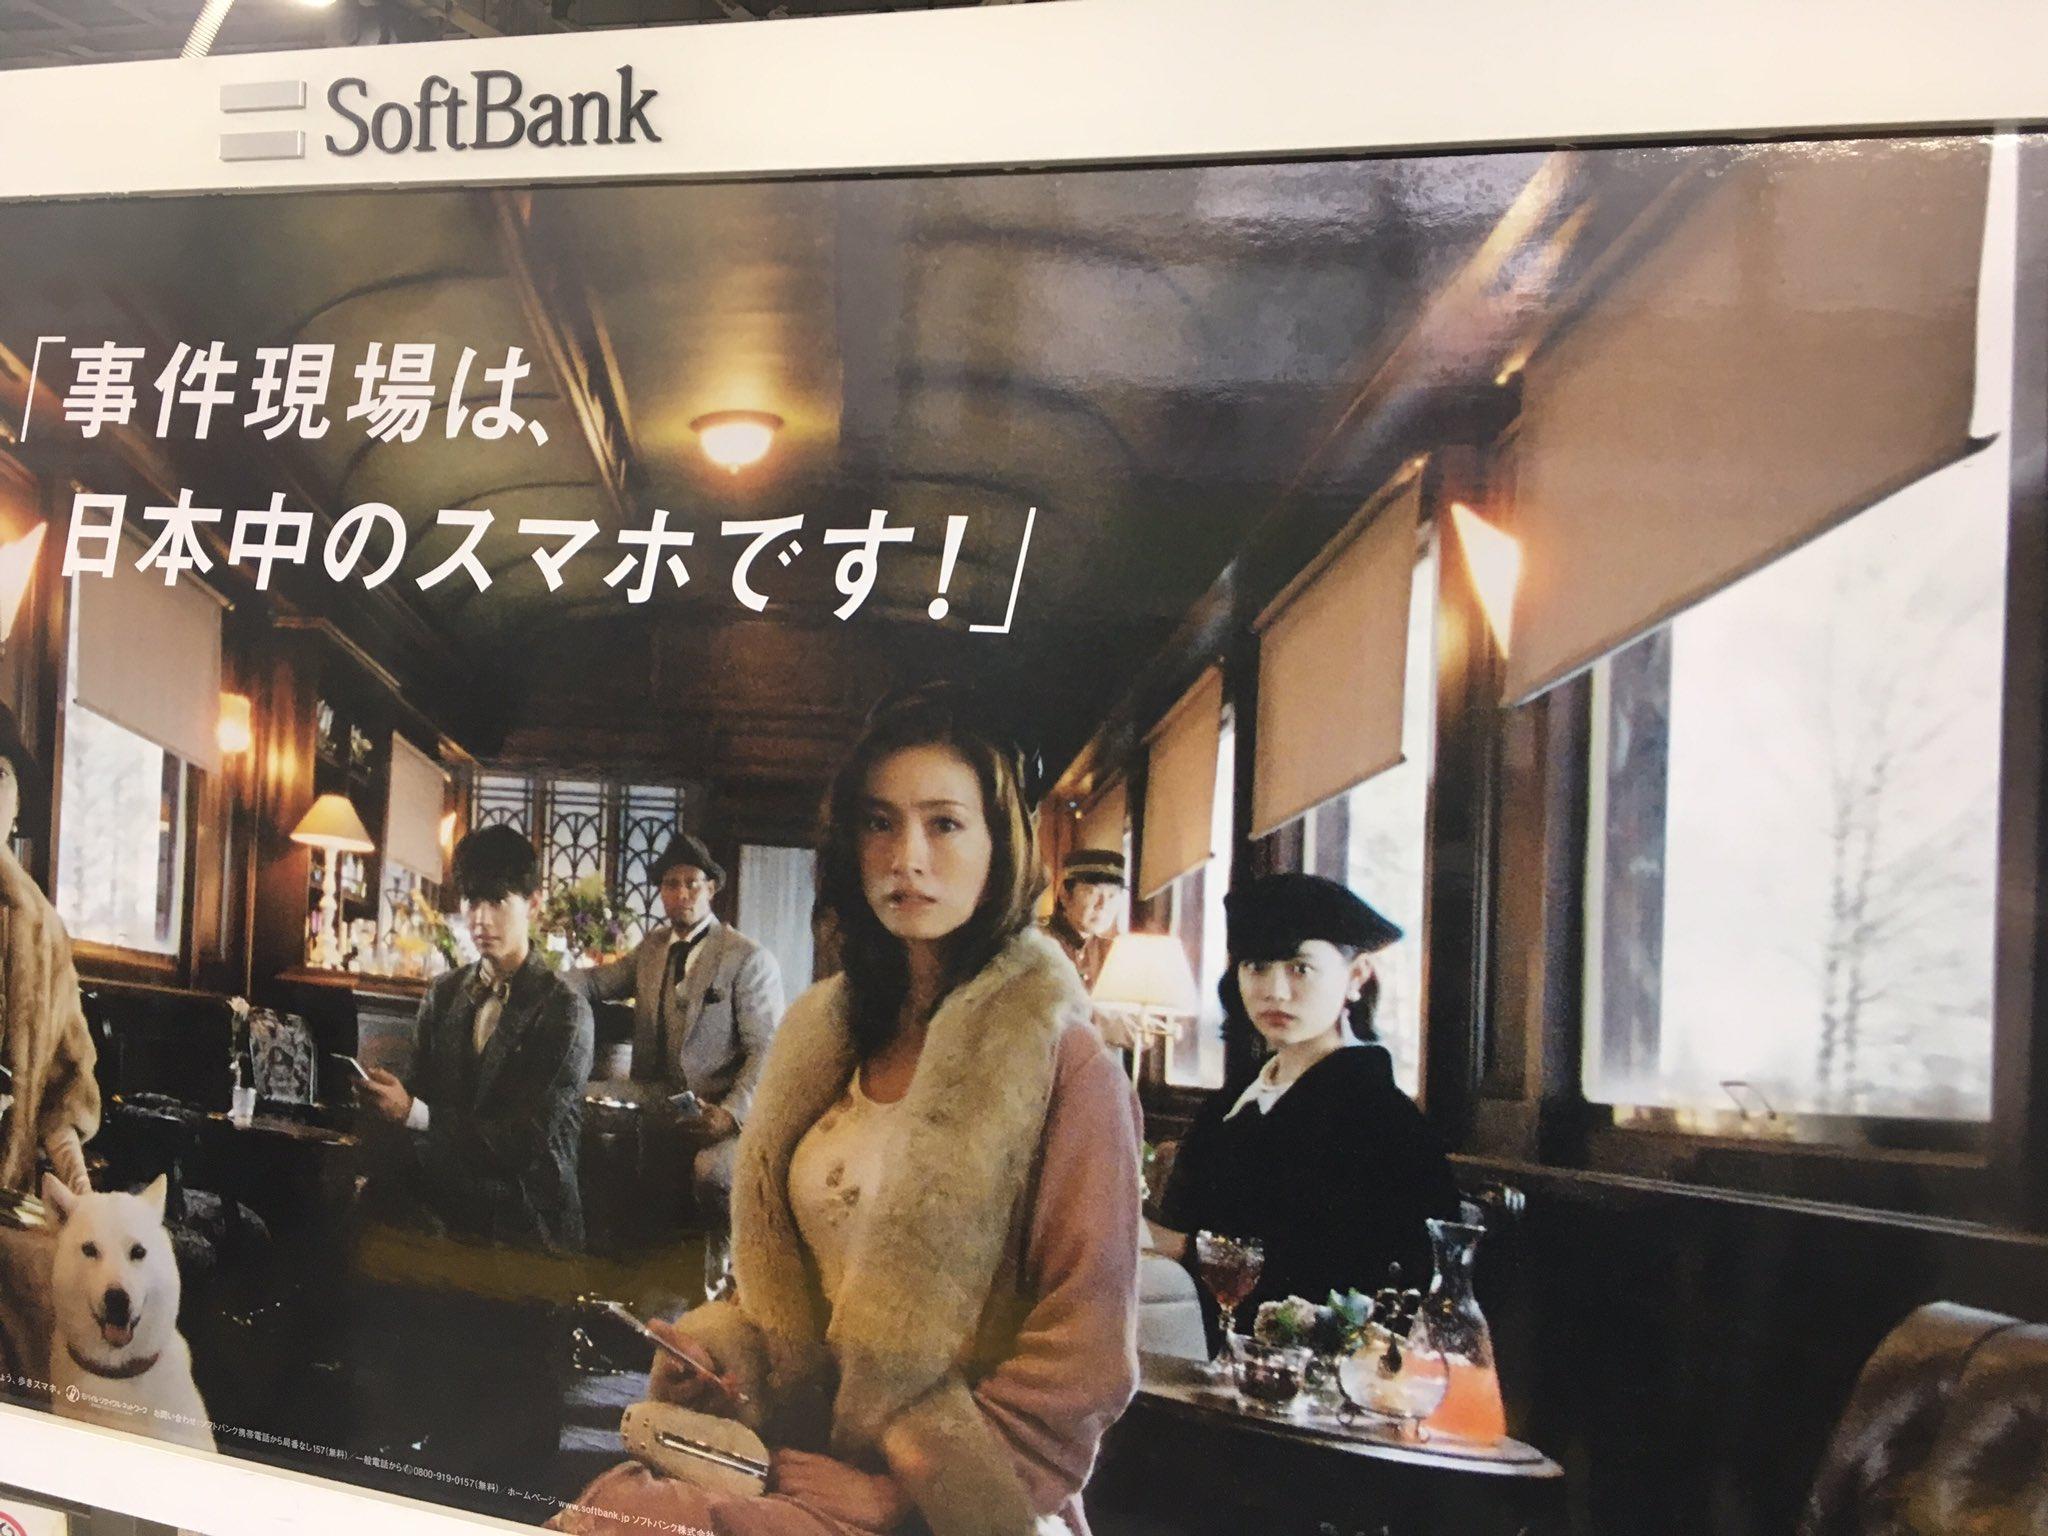 画像,softbankの事件ってそーゆーこと???? https://t.co/y26f4jfOxw。